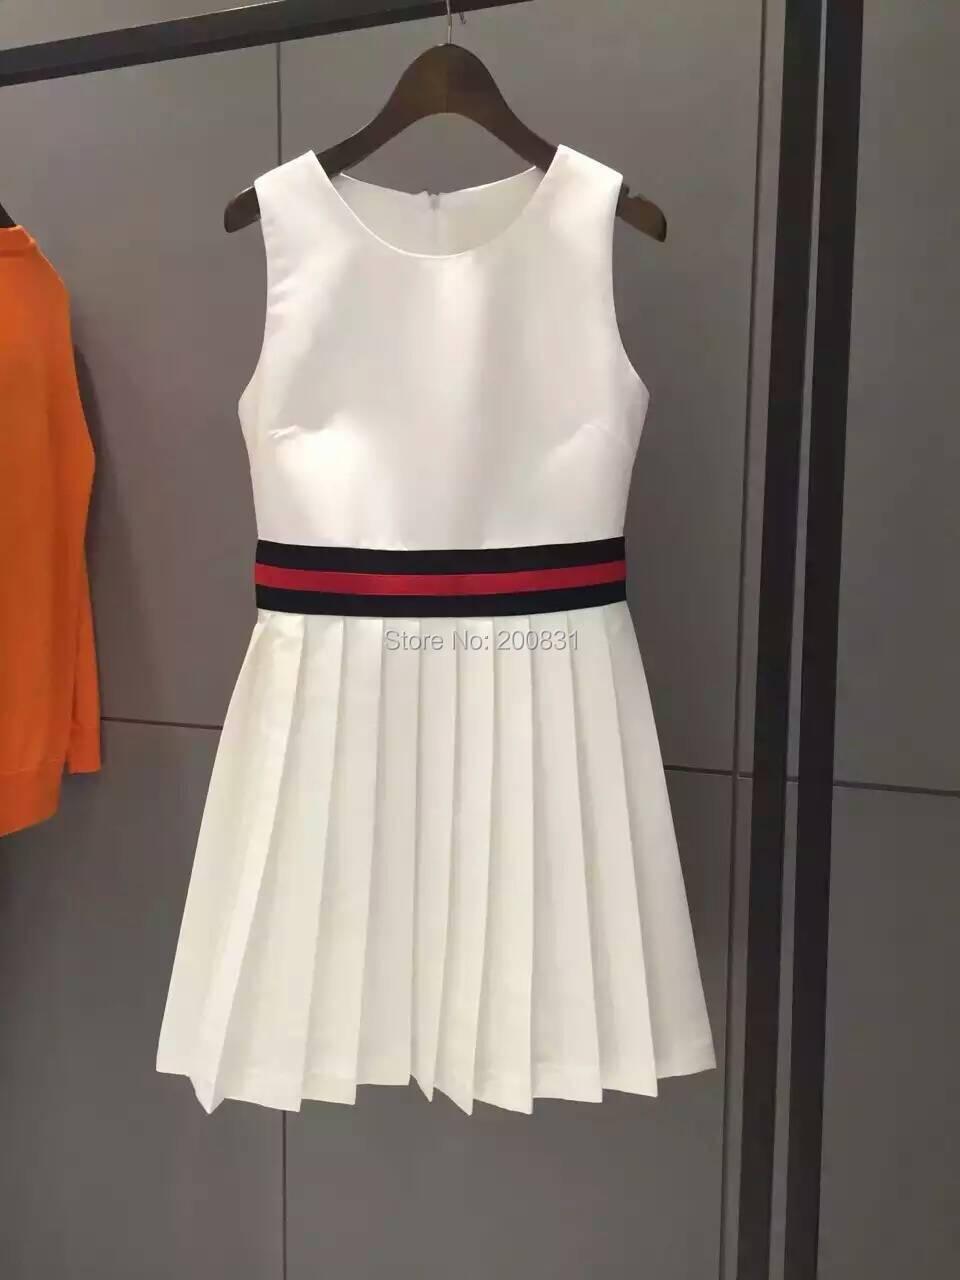 2016 Famous Brand Dresses For Women Summer White Sleeveless Cute Women Dress